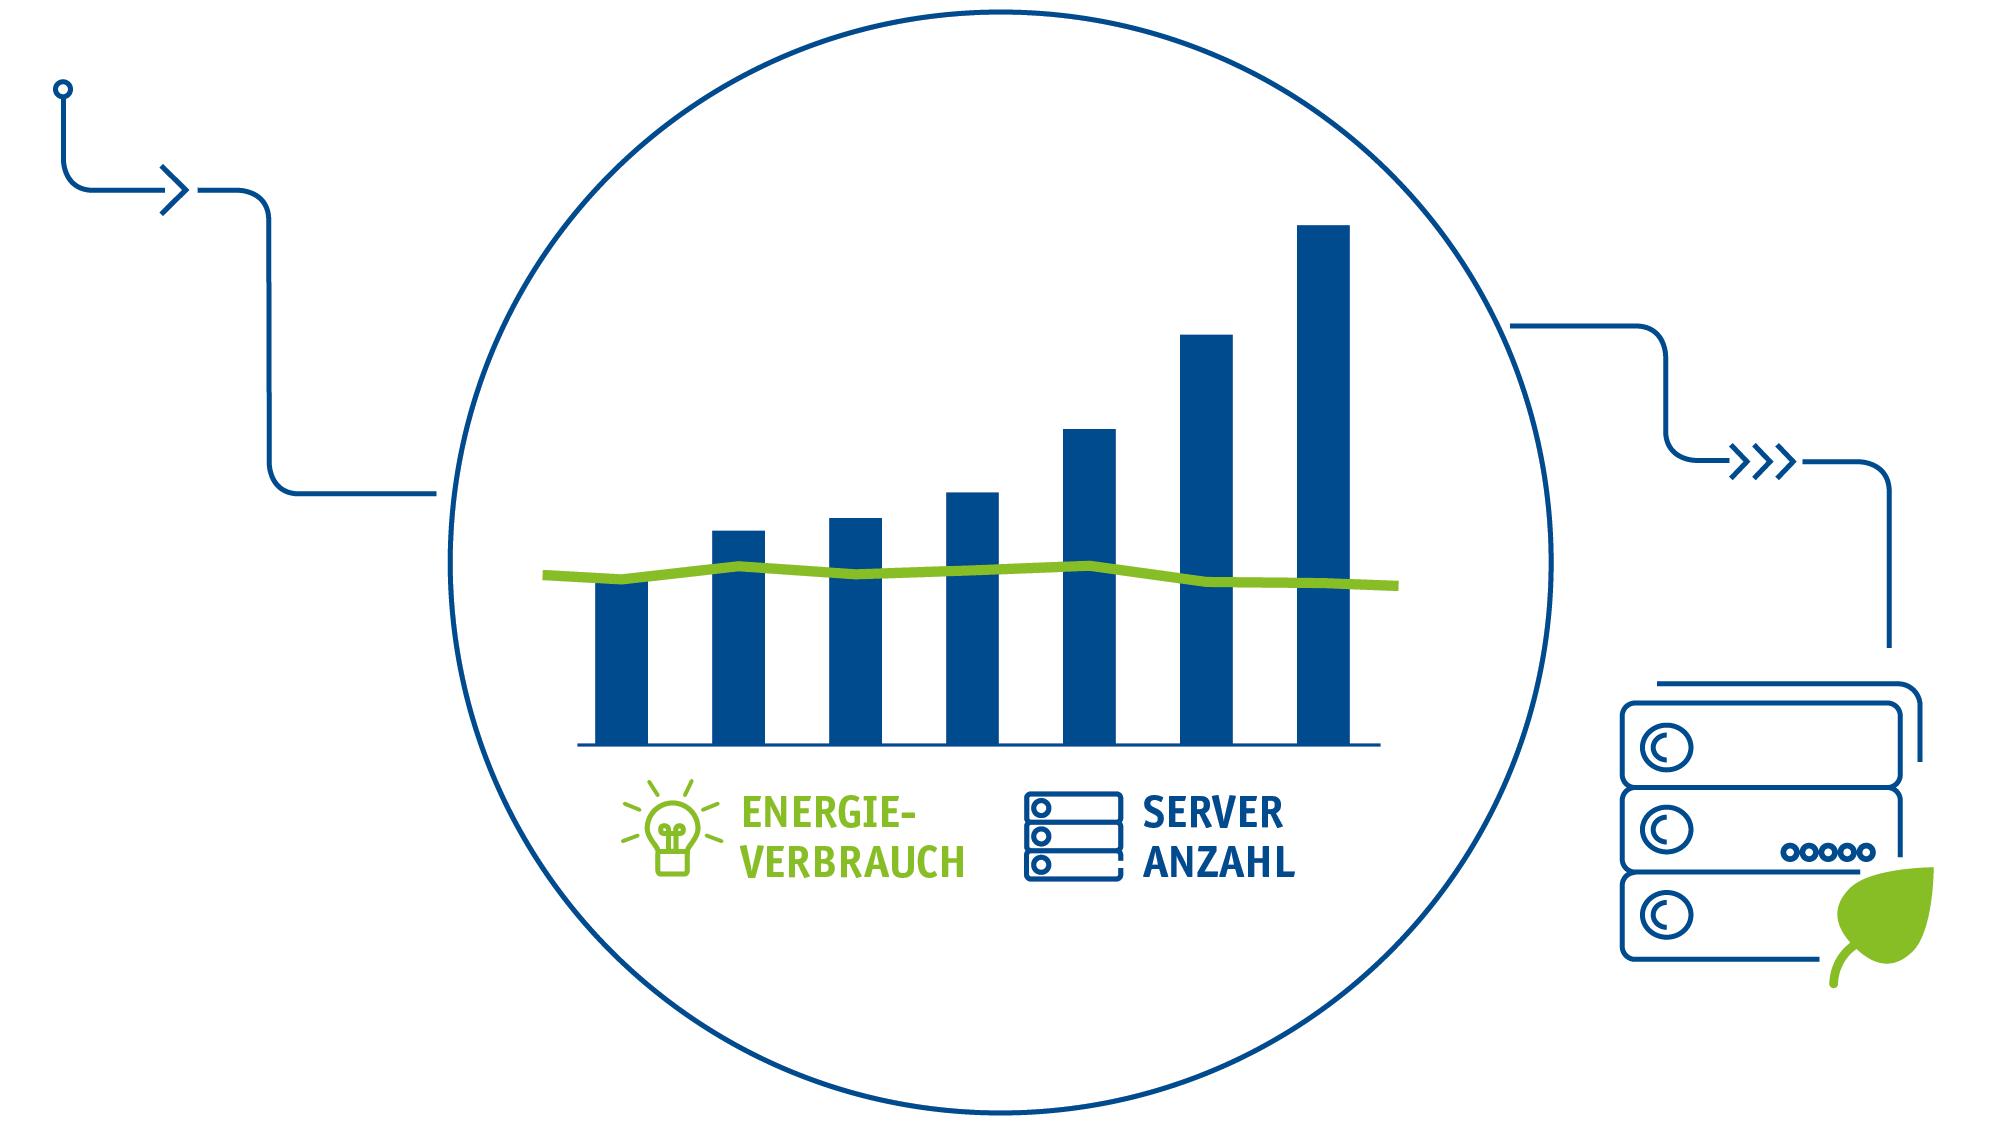 Gesunkener Energieverbrauch bei deutlich steigender Serveranzahl